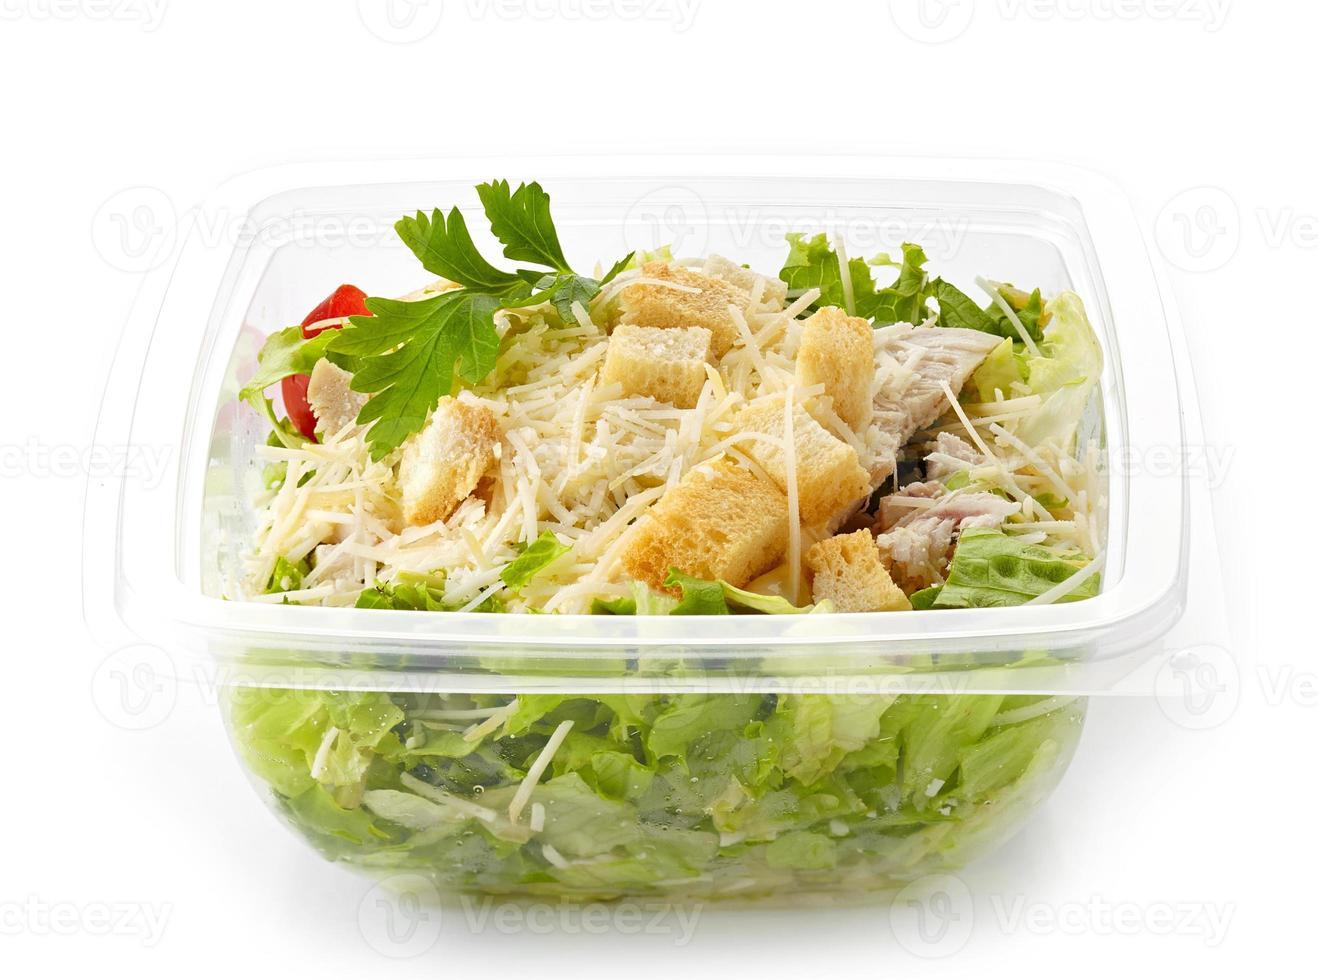 Salat in einer Plastikbox zum Mitnehmen foto